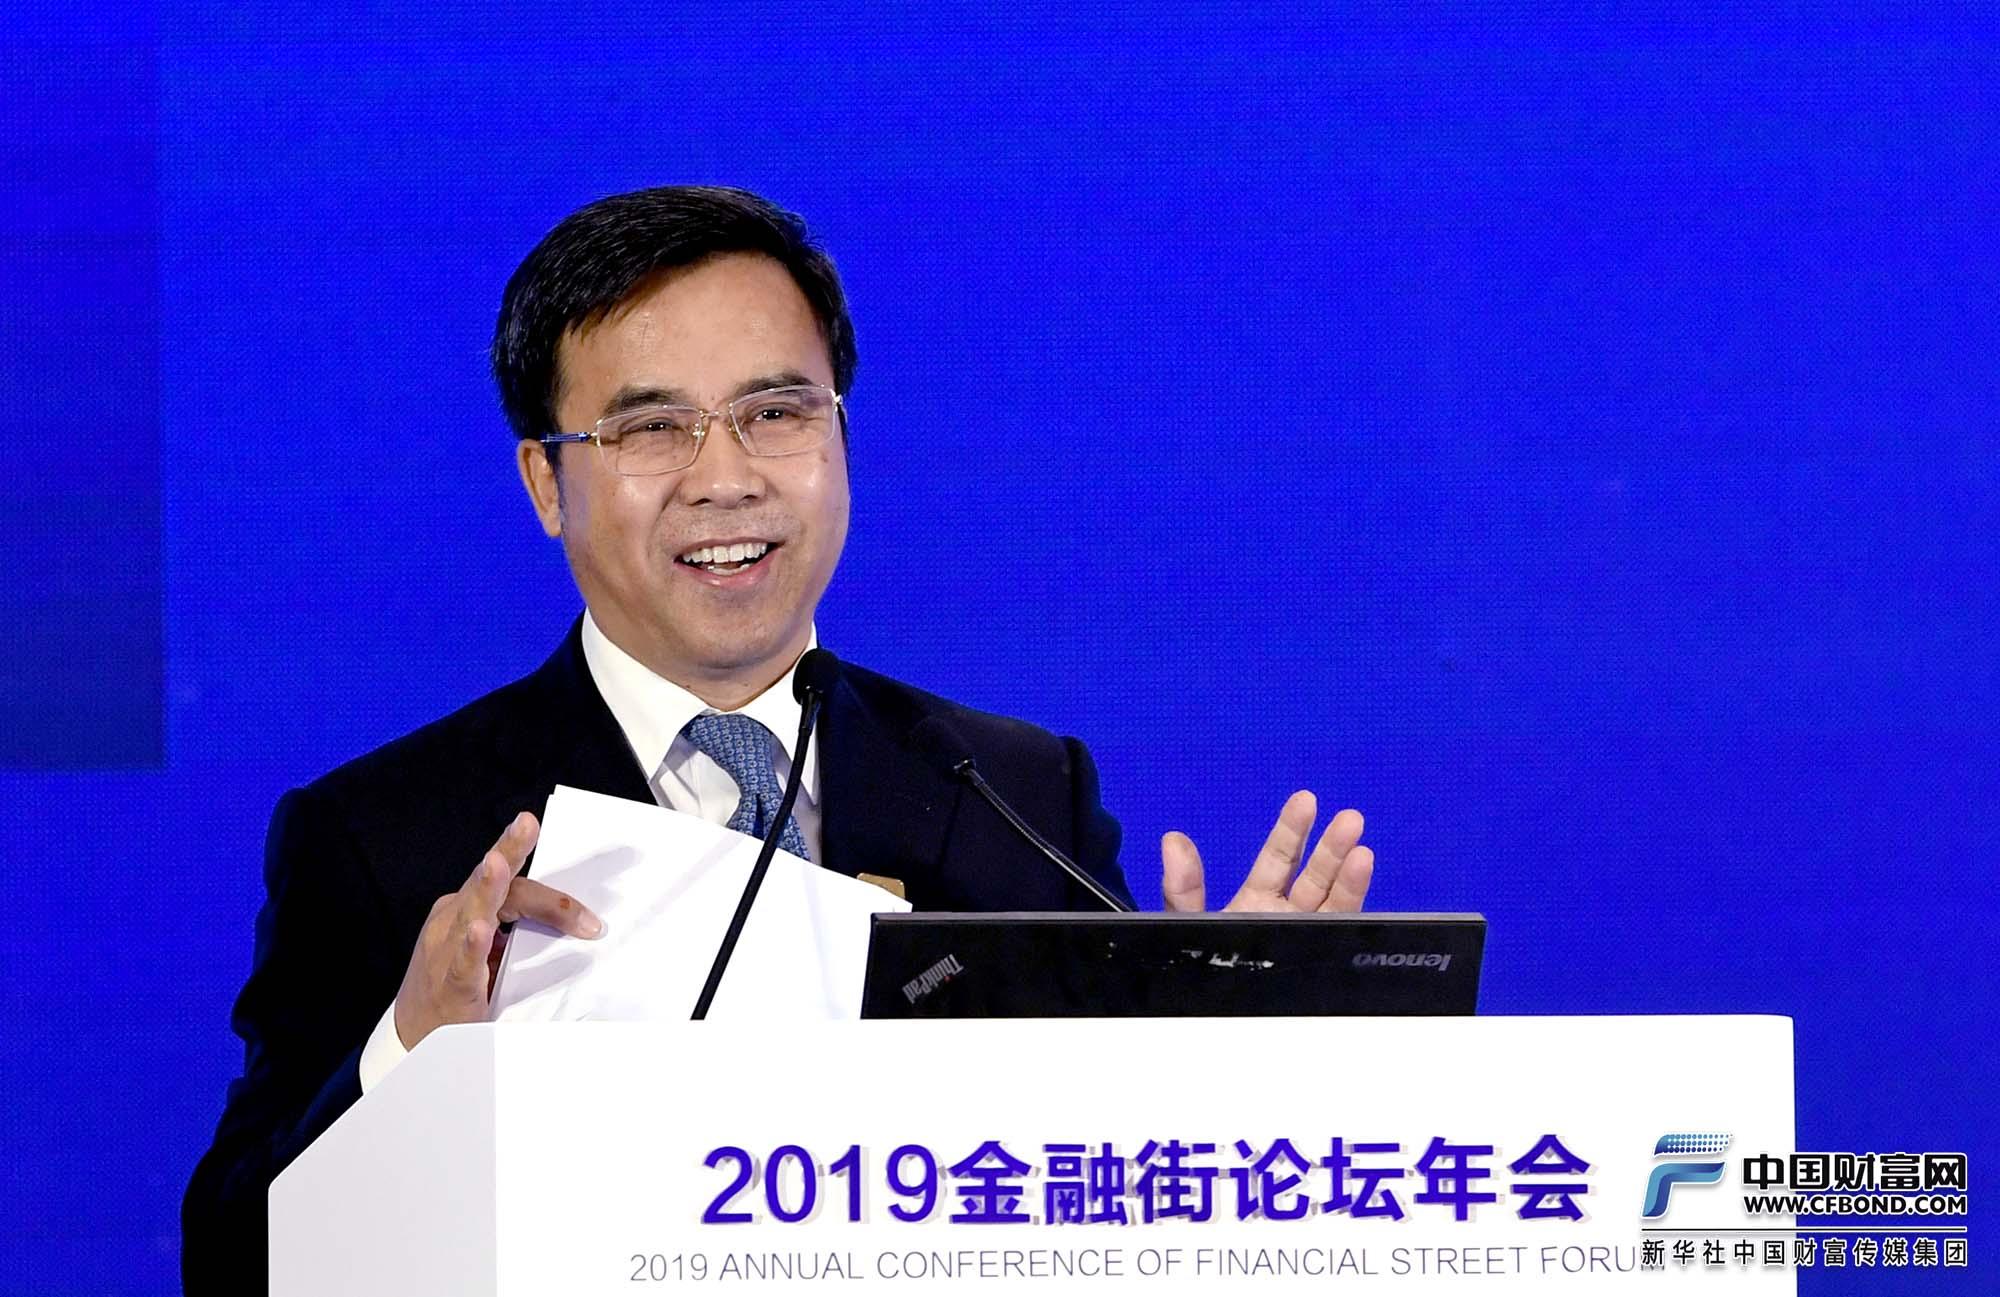 演讲嘉宾:中国银行行长刘连舸